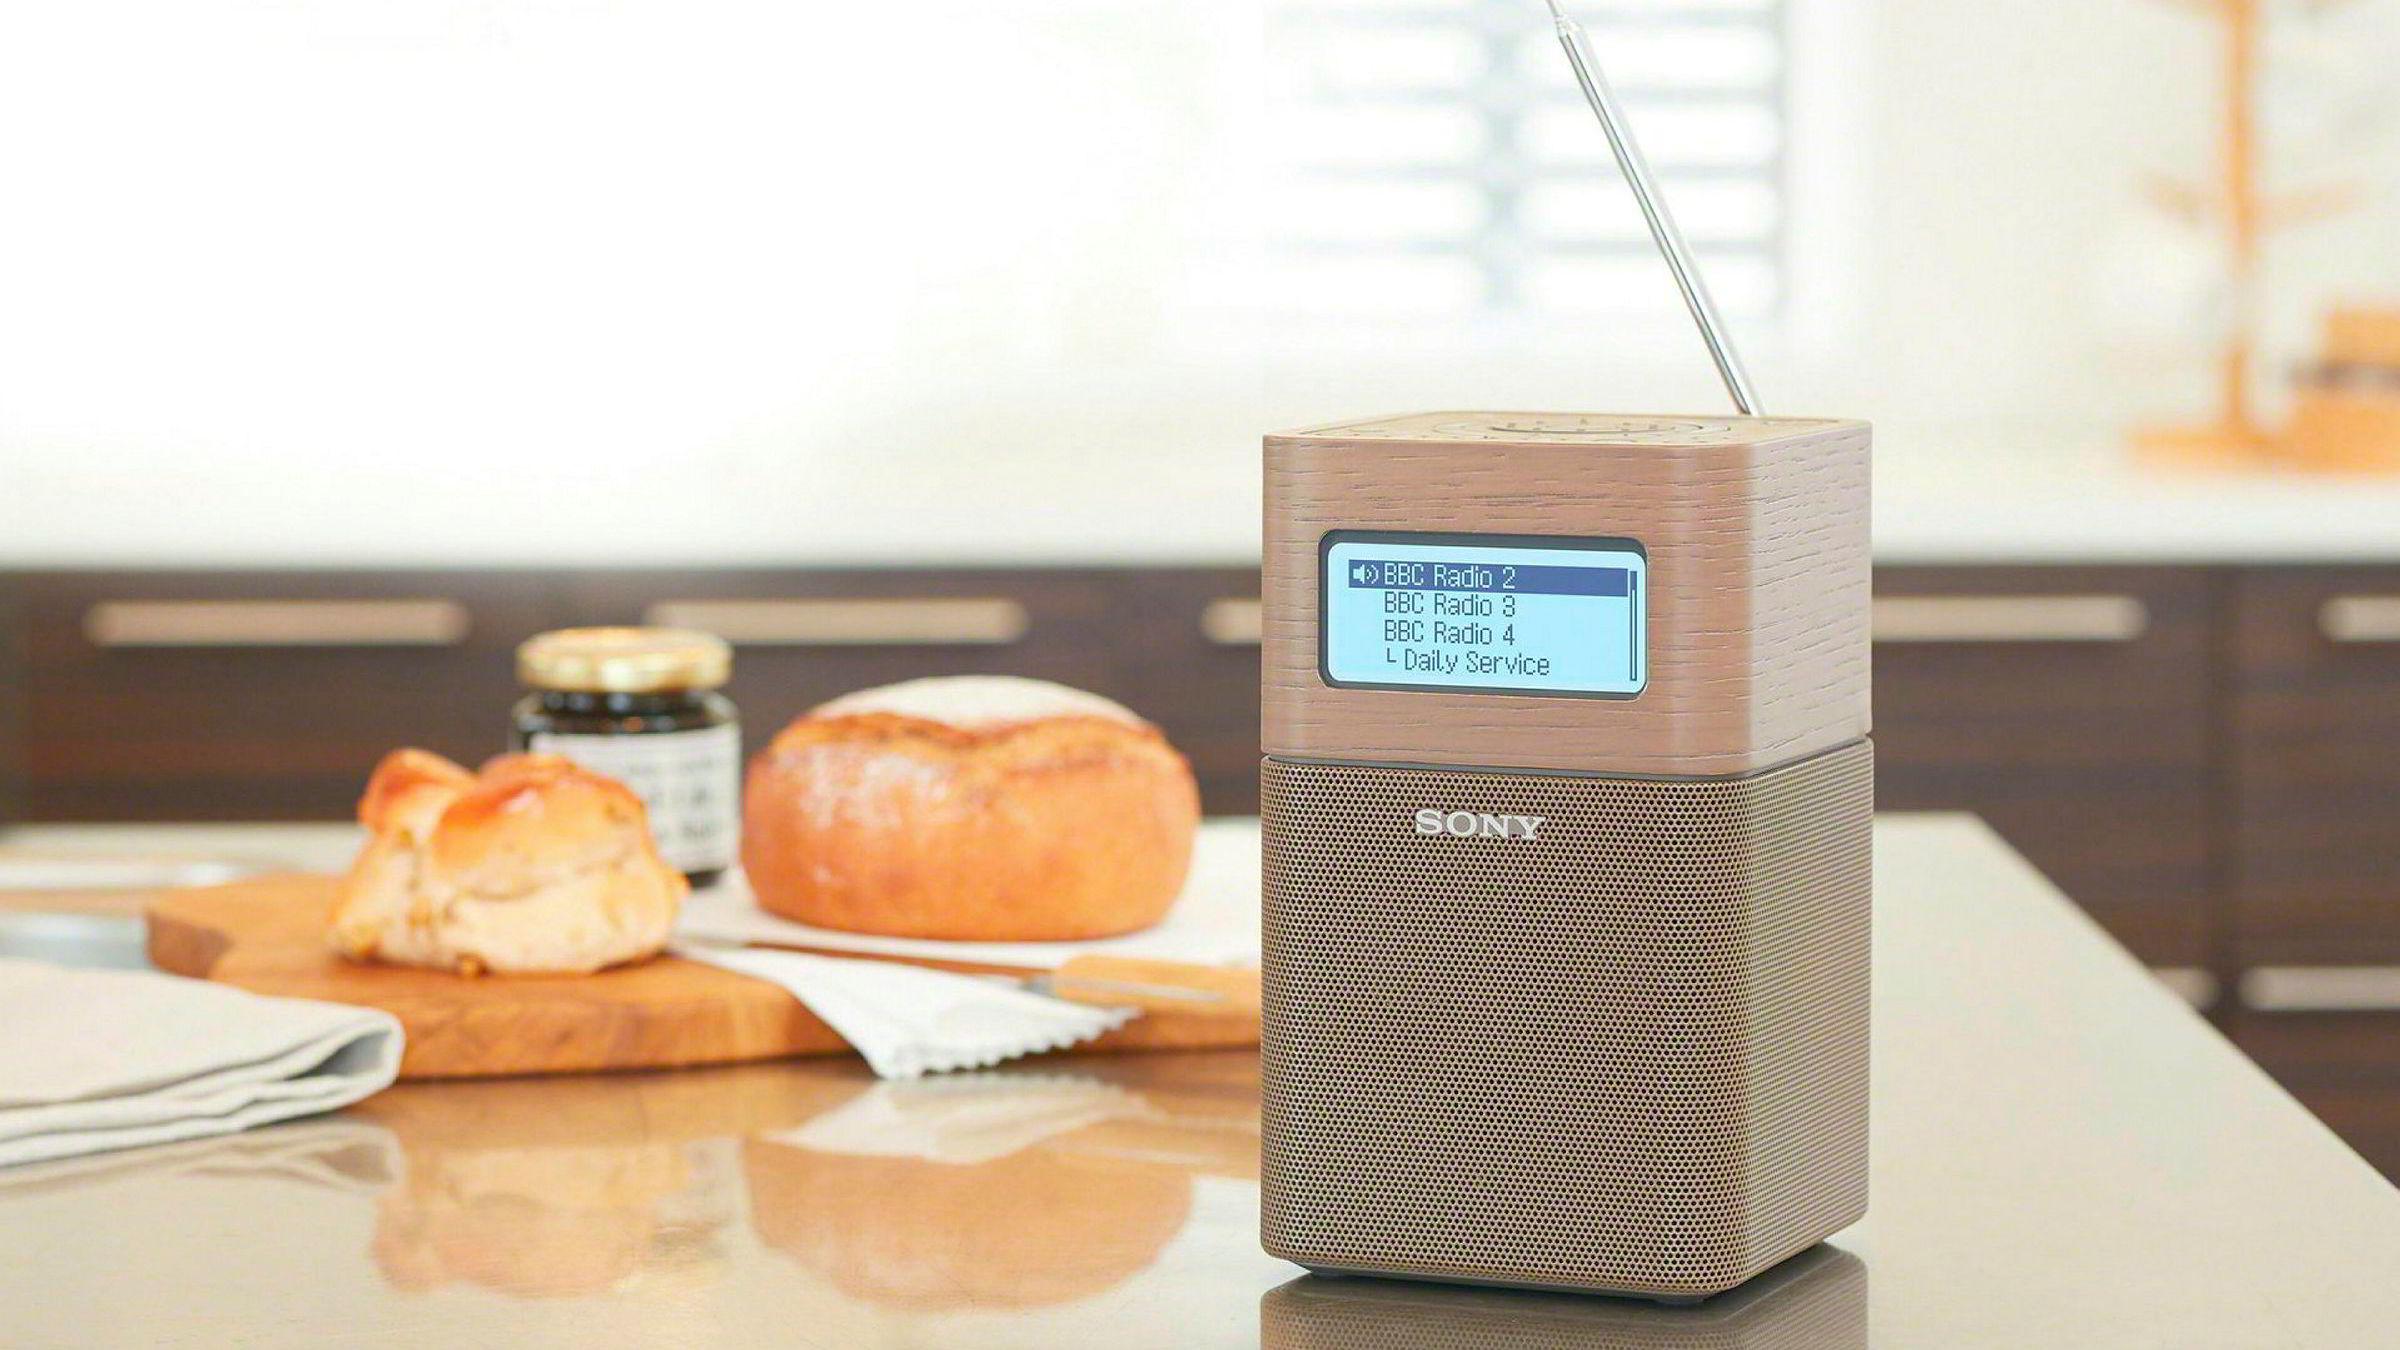 Uansett hva man mener om DAB og slukkingen av FM-nettet vil en ny DAB-radio med trådløs strømming være en oppgradering for de fleste.